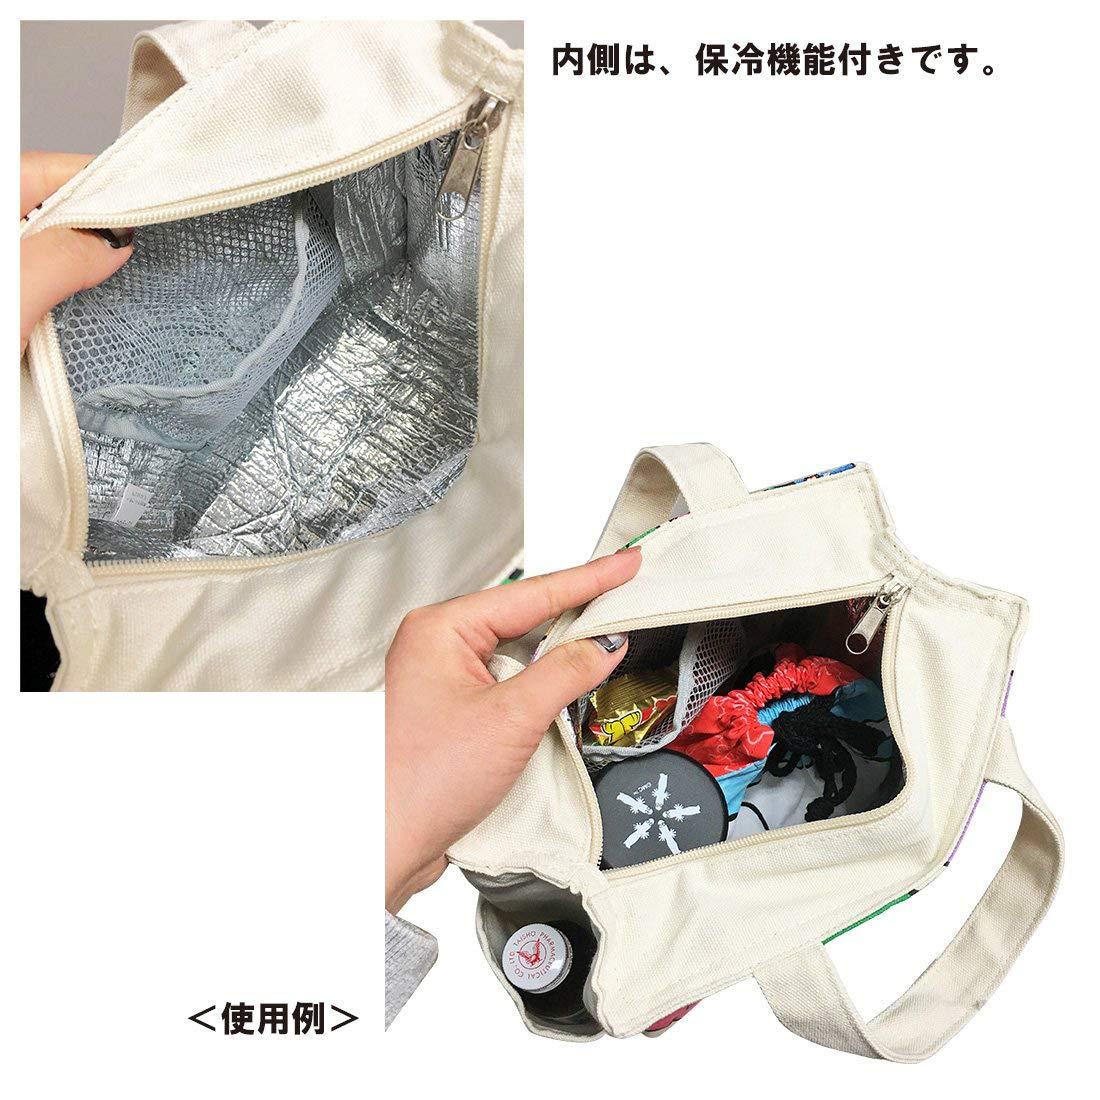 【入荷済】「マーベル」スクエア保存バッグ ロゴ